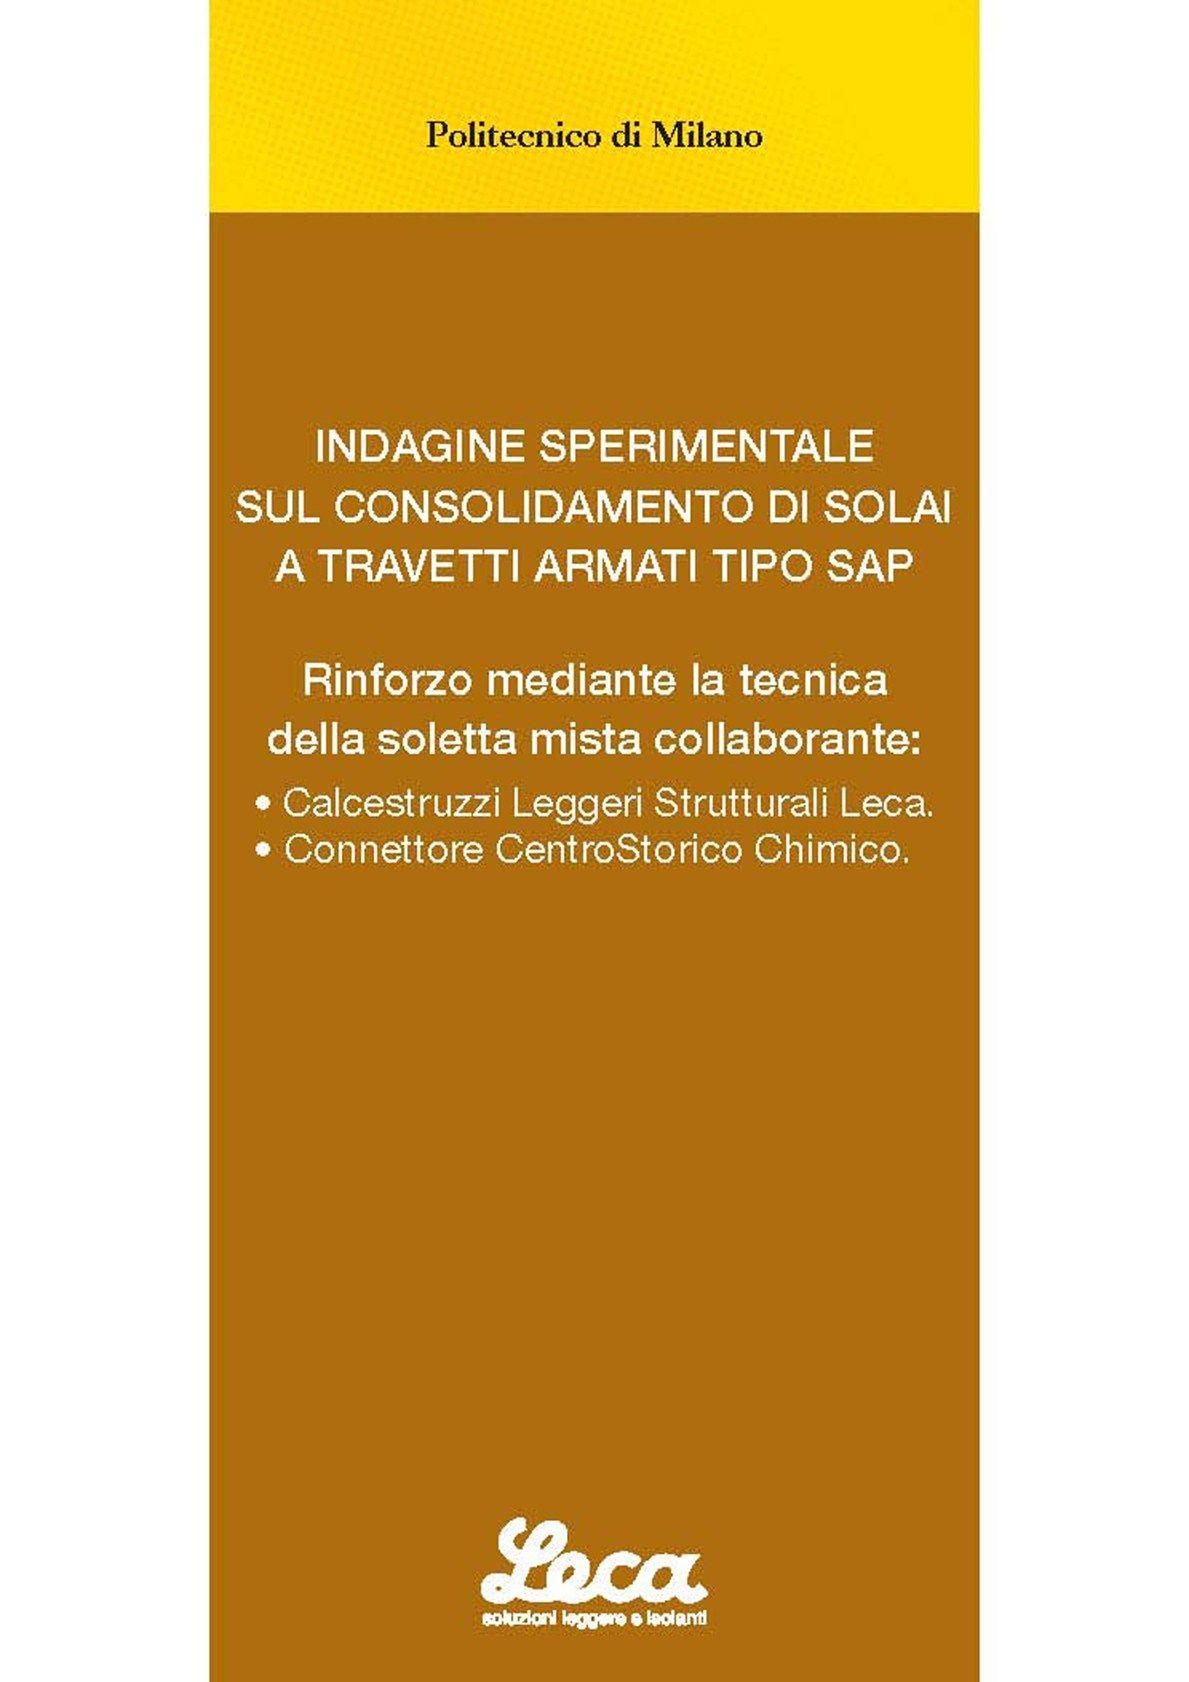 Da Laterlite un manuale per consolidare i solai SAP